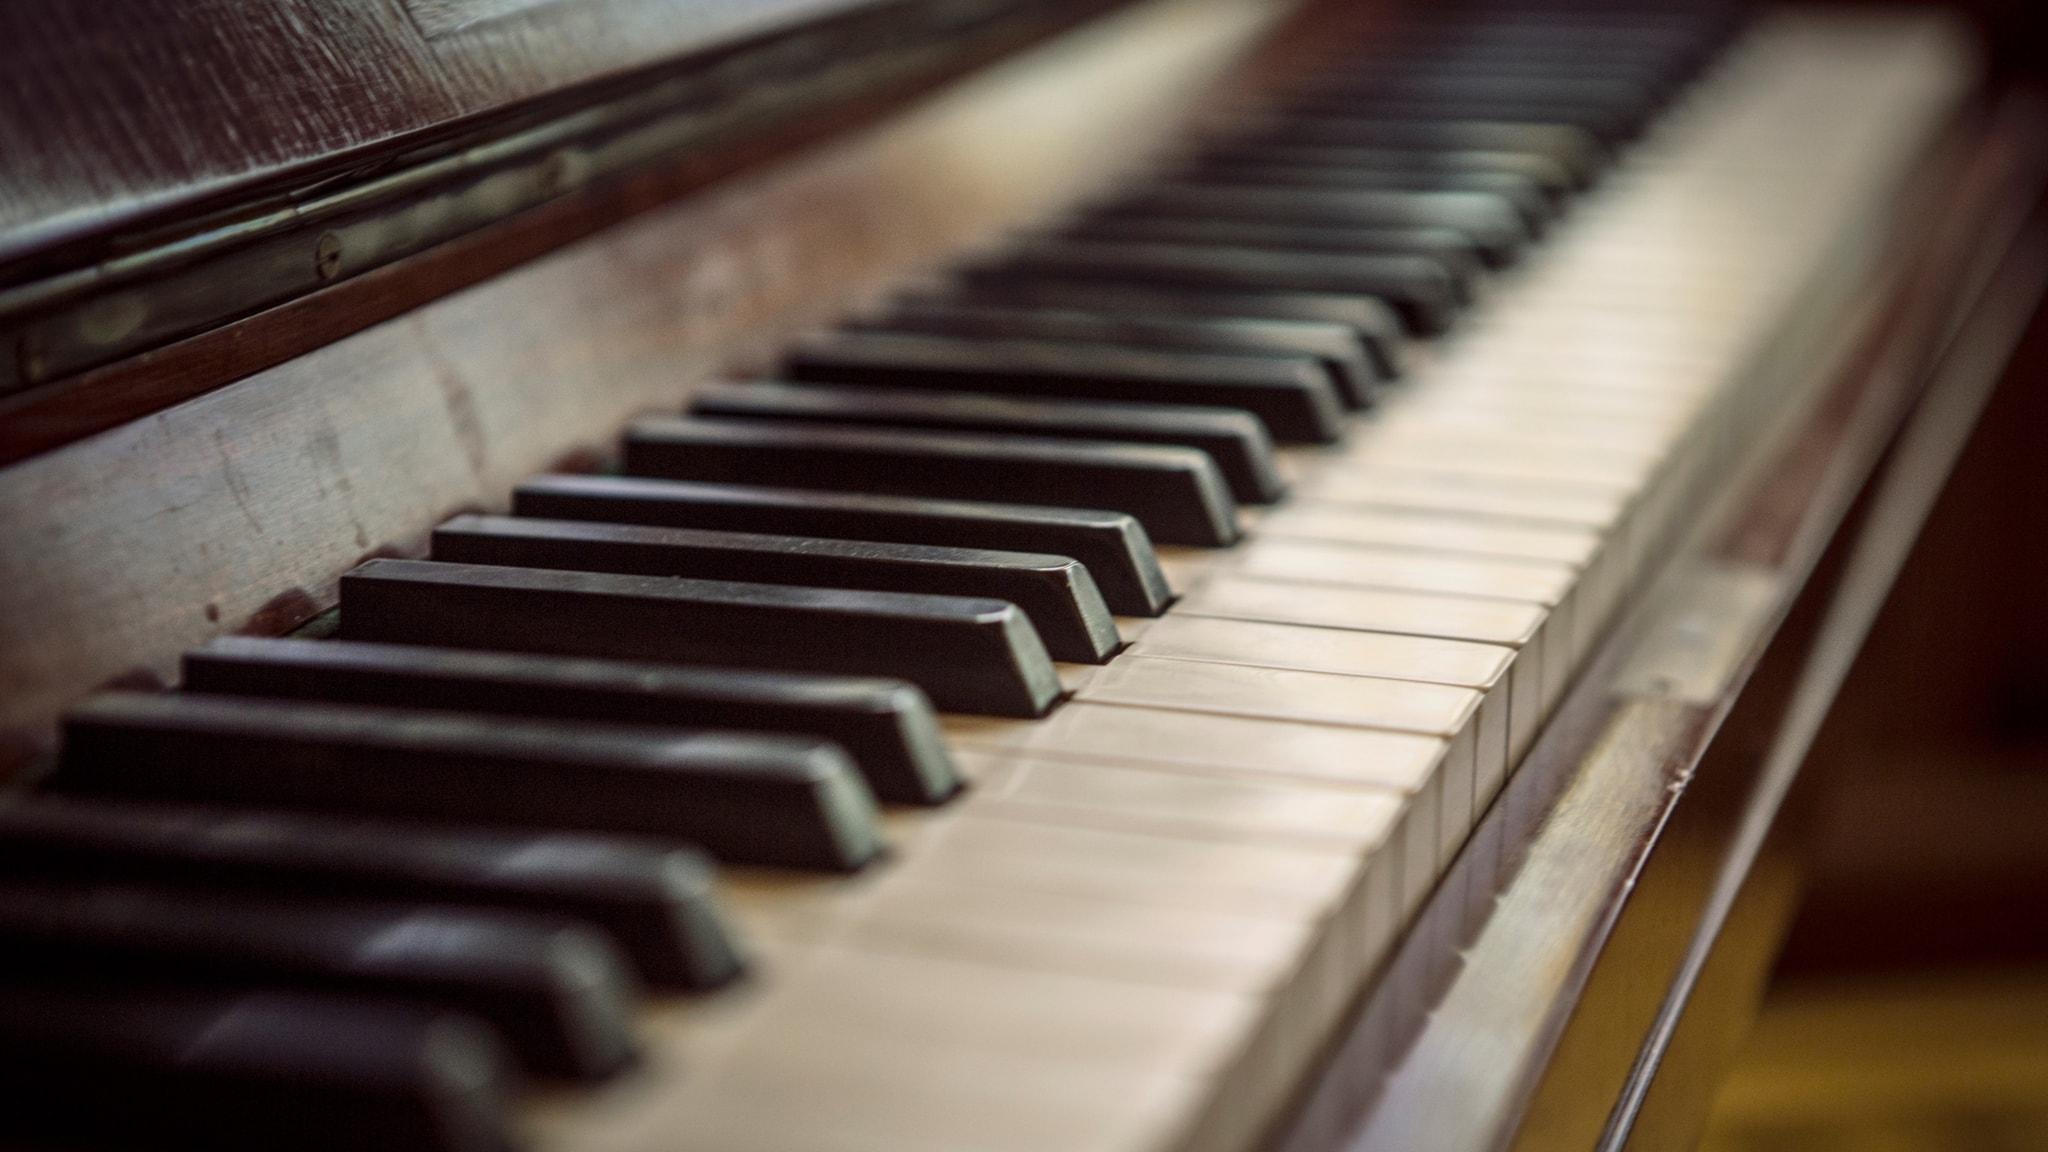 Så uttrycks känslor i tal och musik